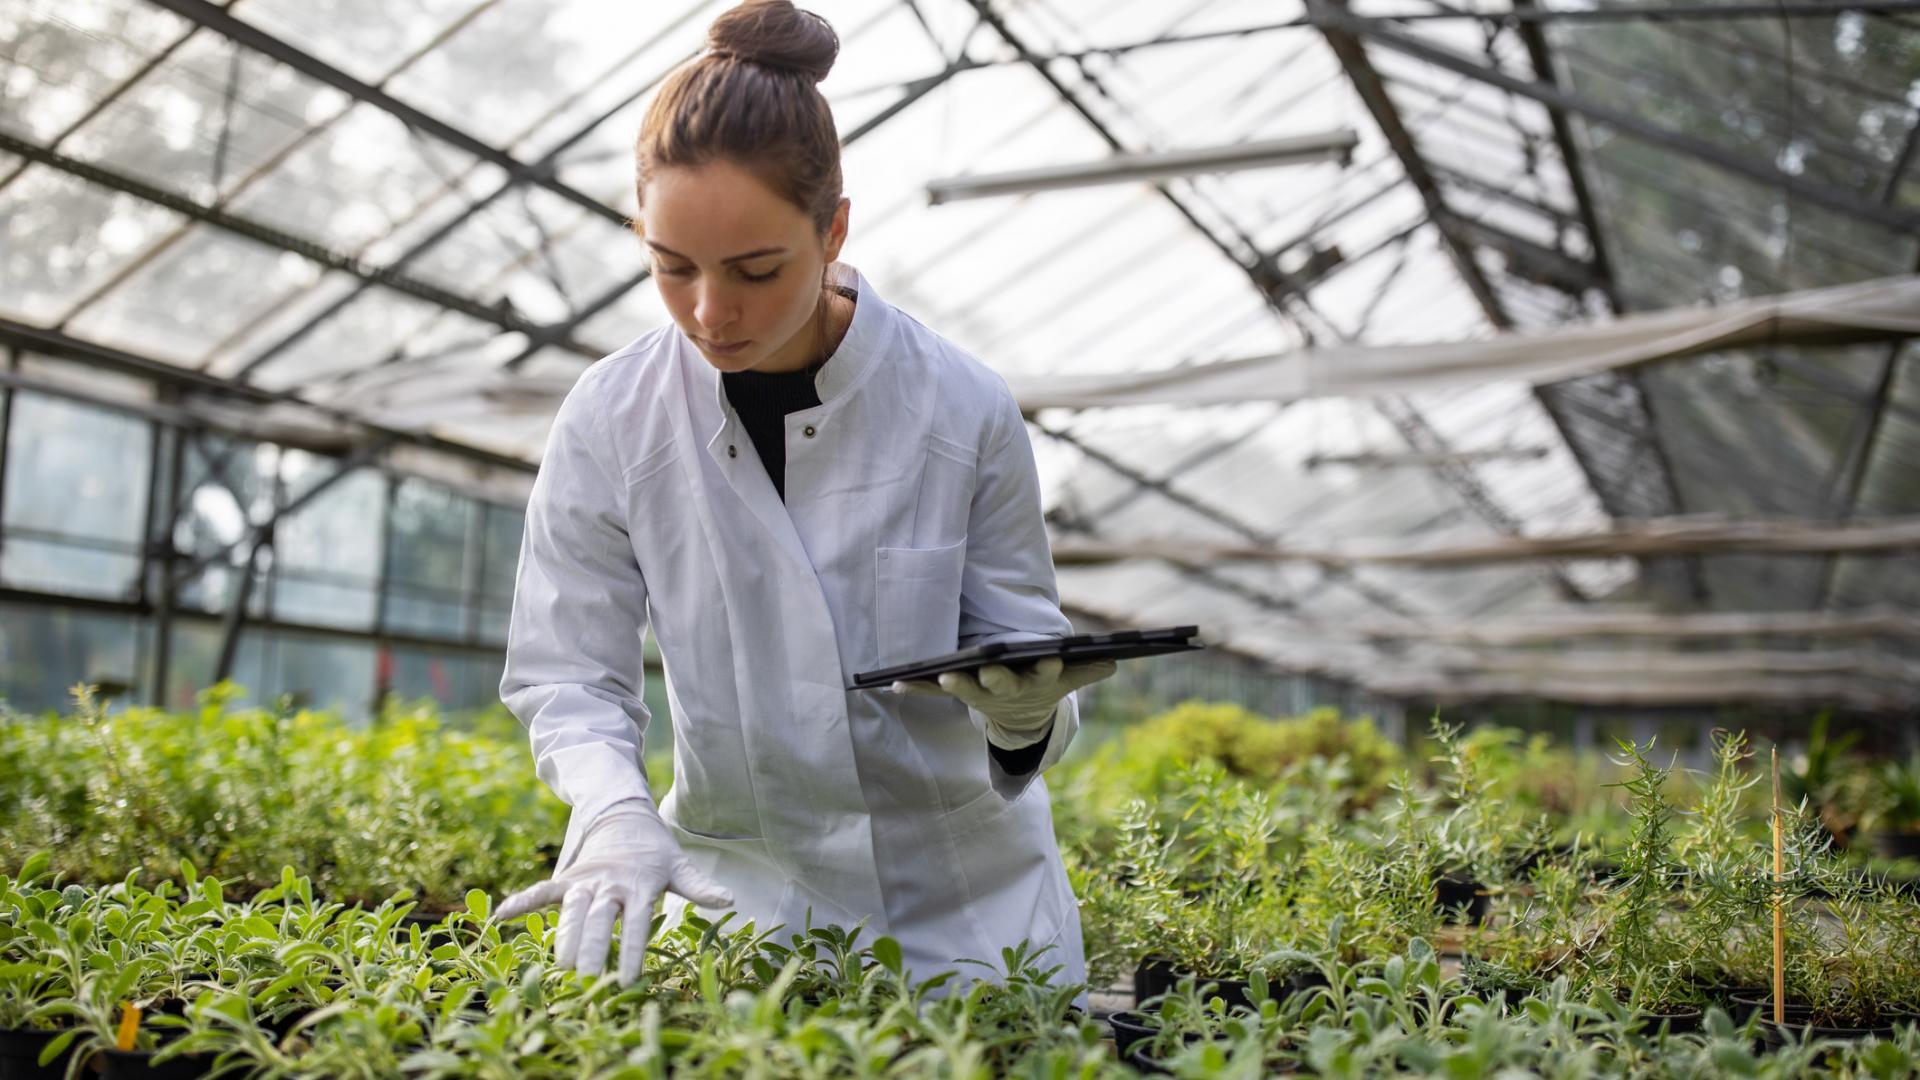 junge Frau Laborkittel Pflanzen gewächshaus